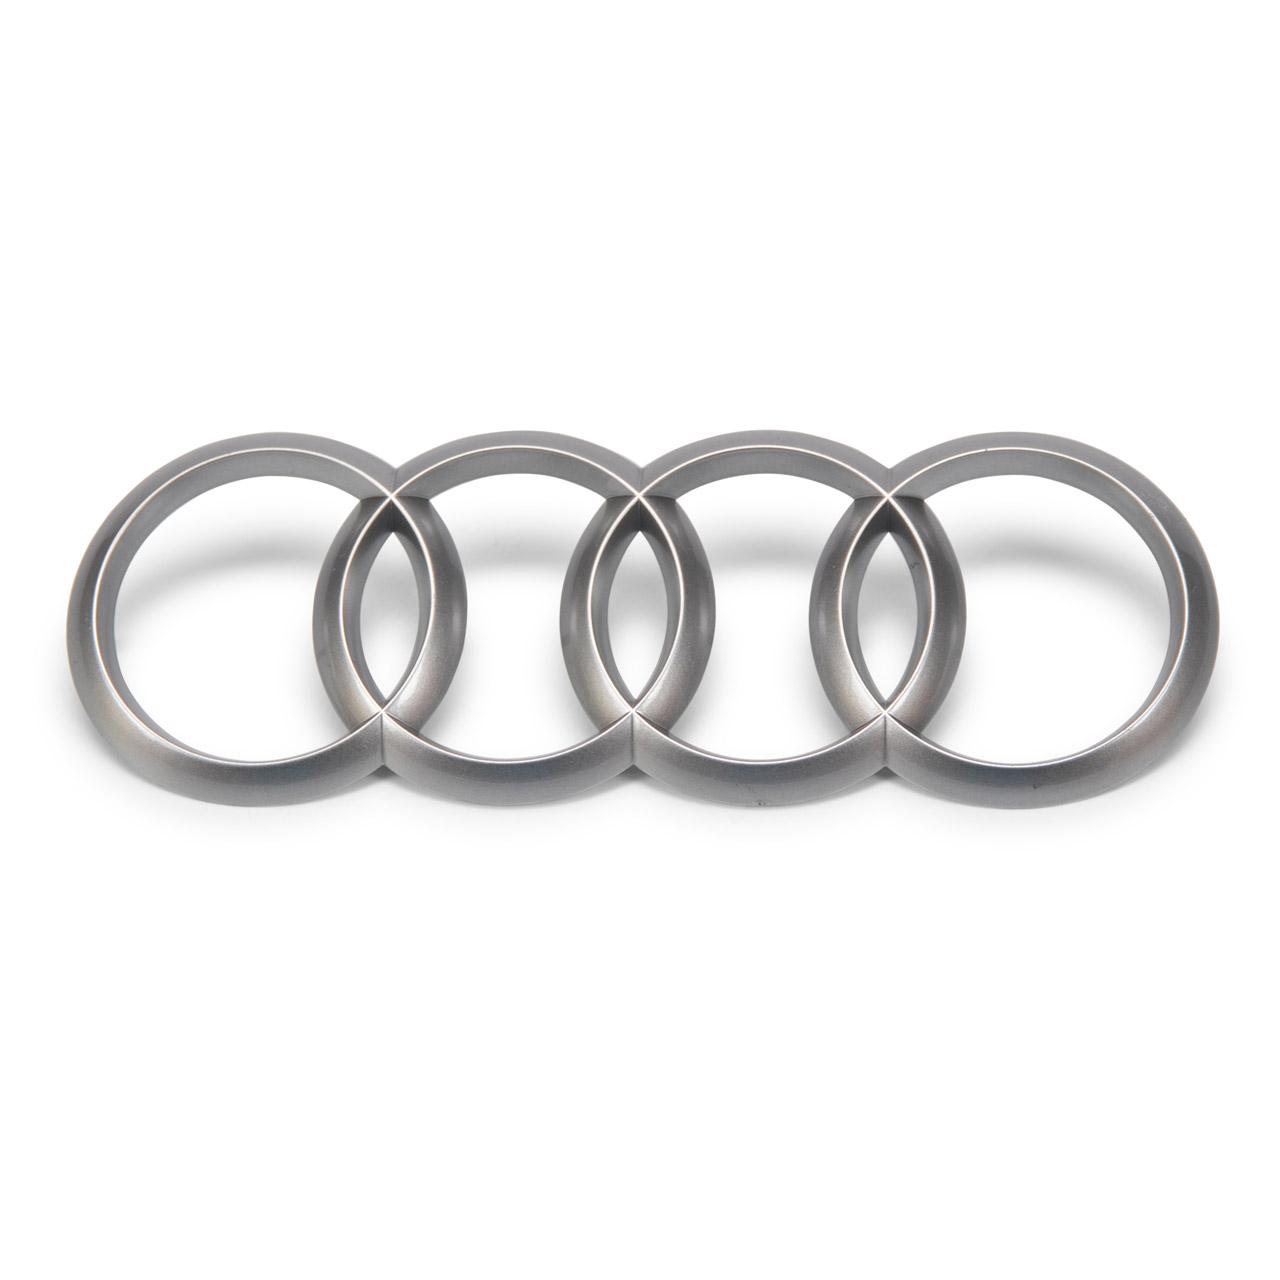 ORIGINAL Audi Emblem Ringe Logo A1 A3 A4 A5 A6 A7 A8 Q3 Q5 Q7 4H0103940A